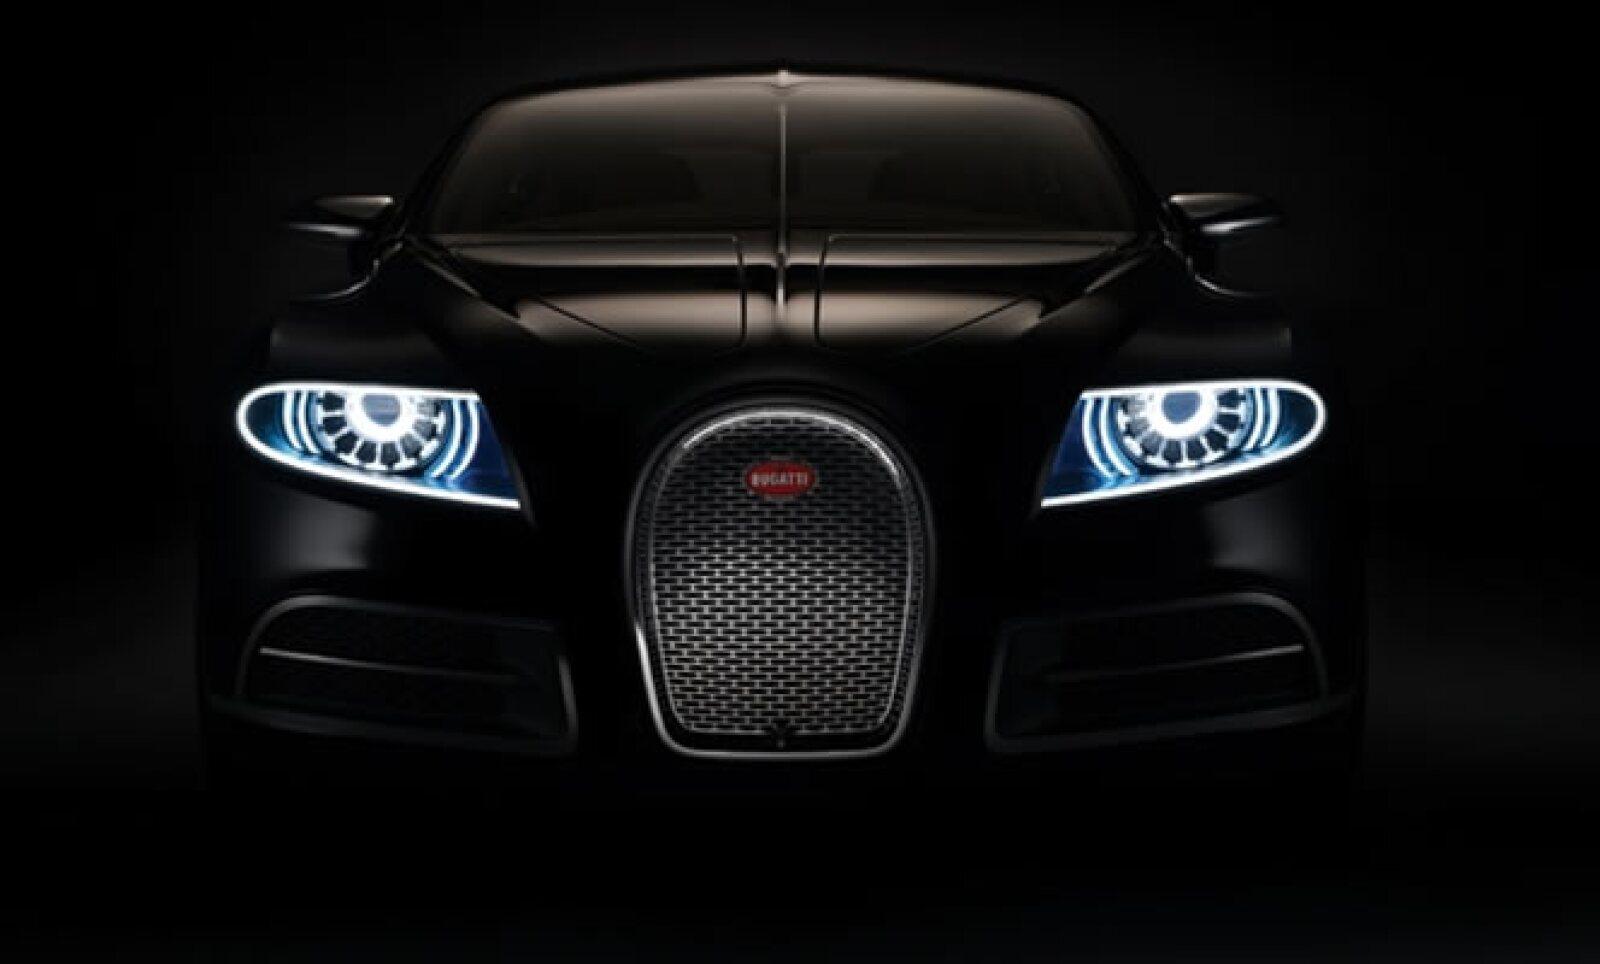 Bugatti presentó su nuevo auto concepto, el Bugatti 16C Calibier. Este Concept-Car busca llegar a ser el más exclusivo, elegante y potente automóvil de cuatro puertas en el mundo.